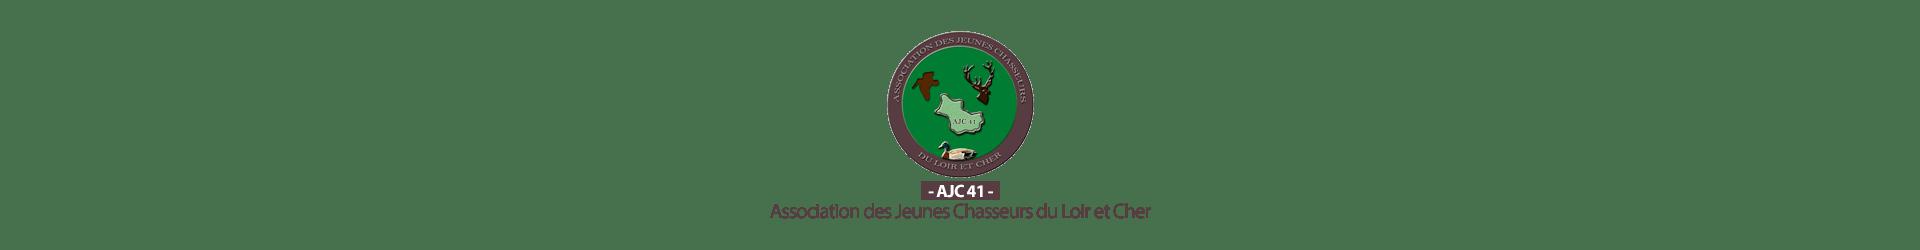 AJC41